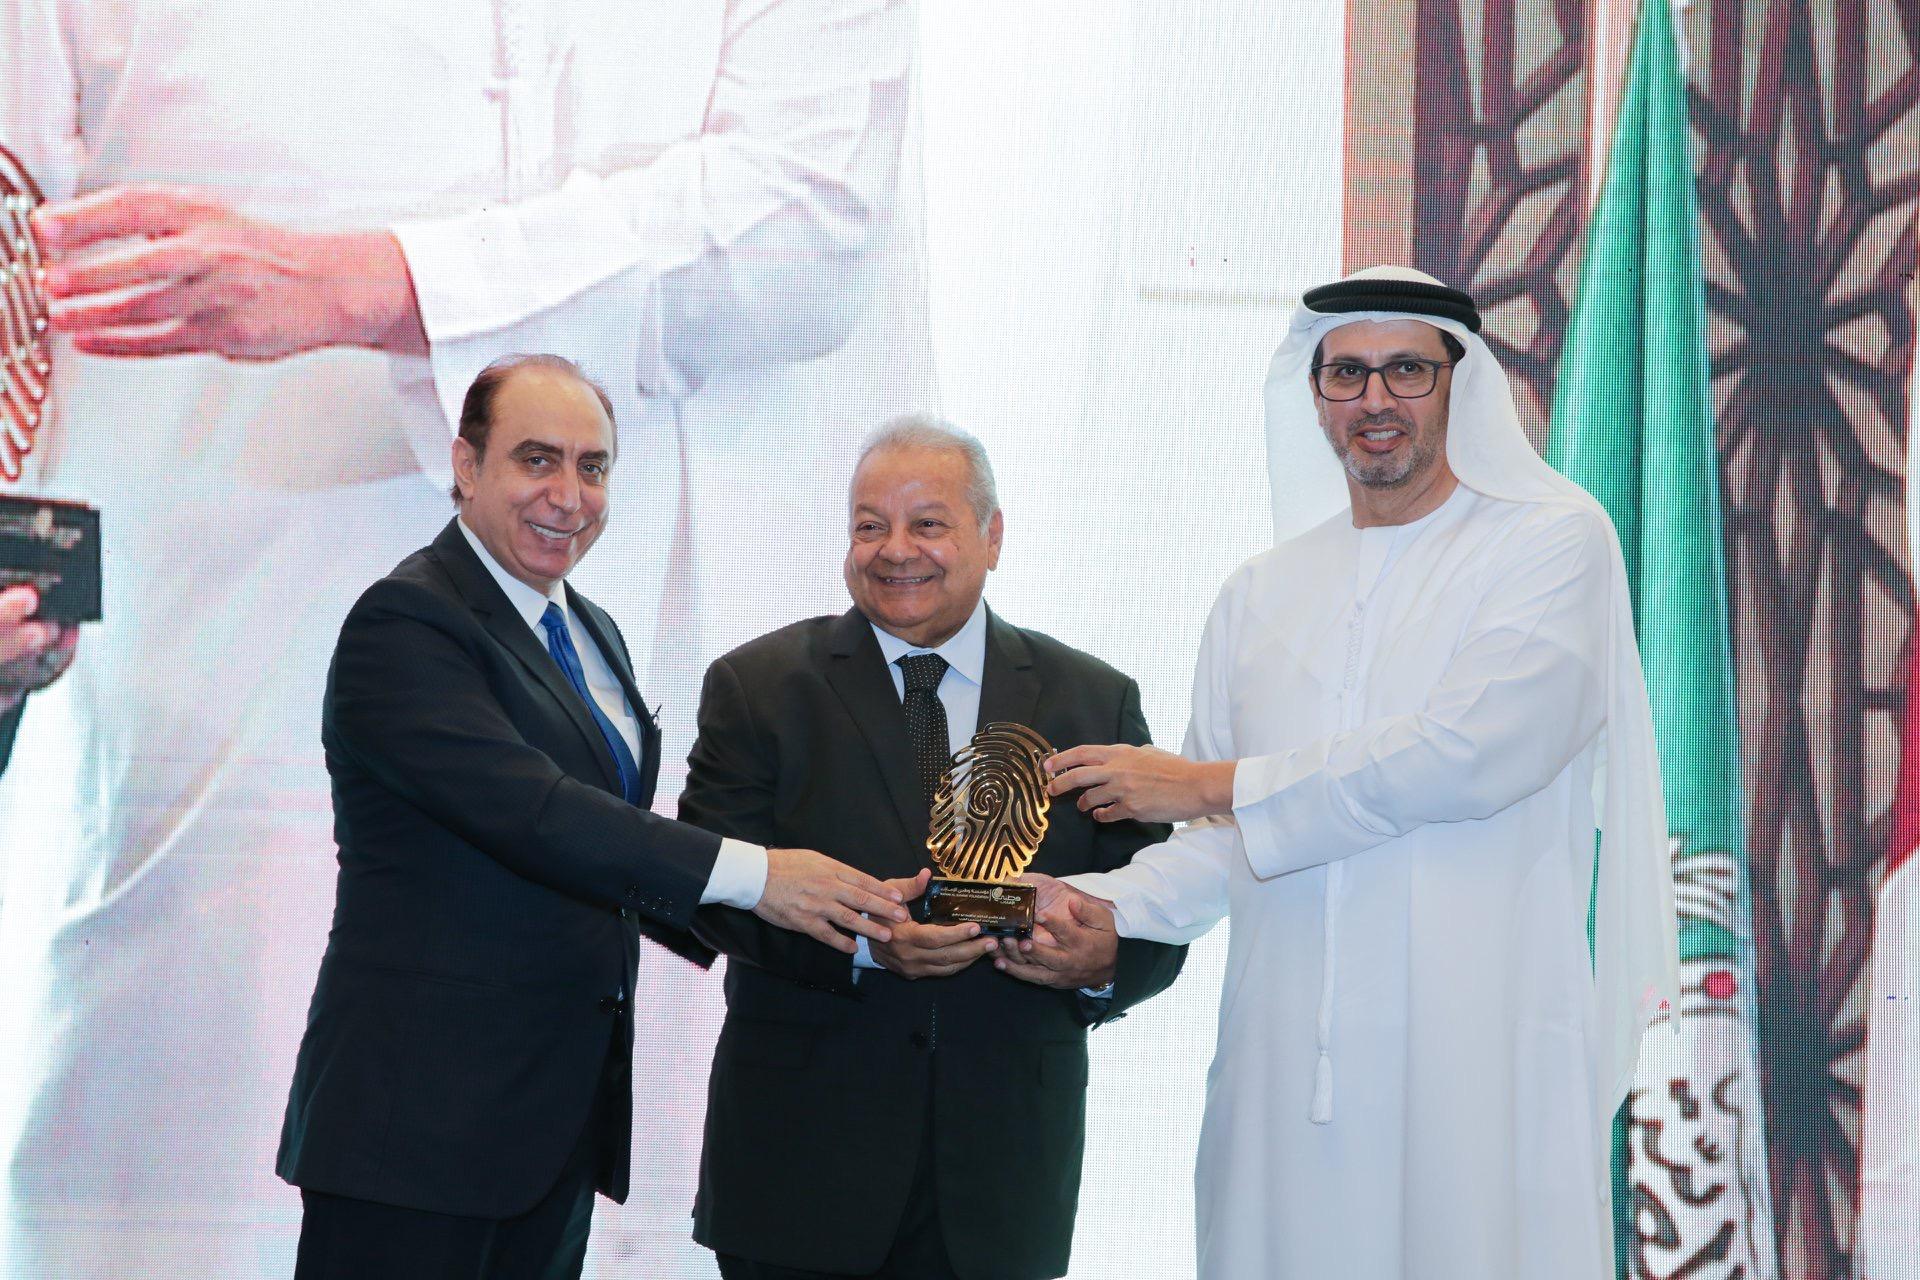 بحضور الجامعة العربية مؤسسة وطني الامارات تكرم د. ابراهيم ابوذكري